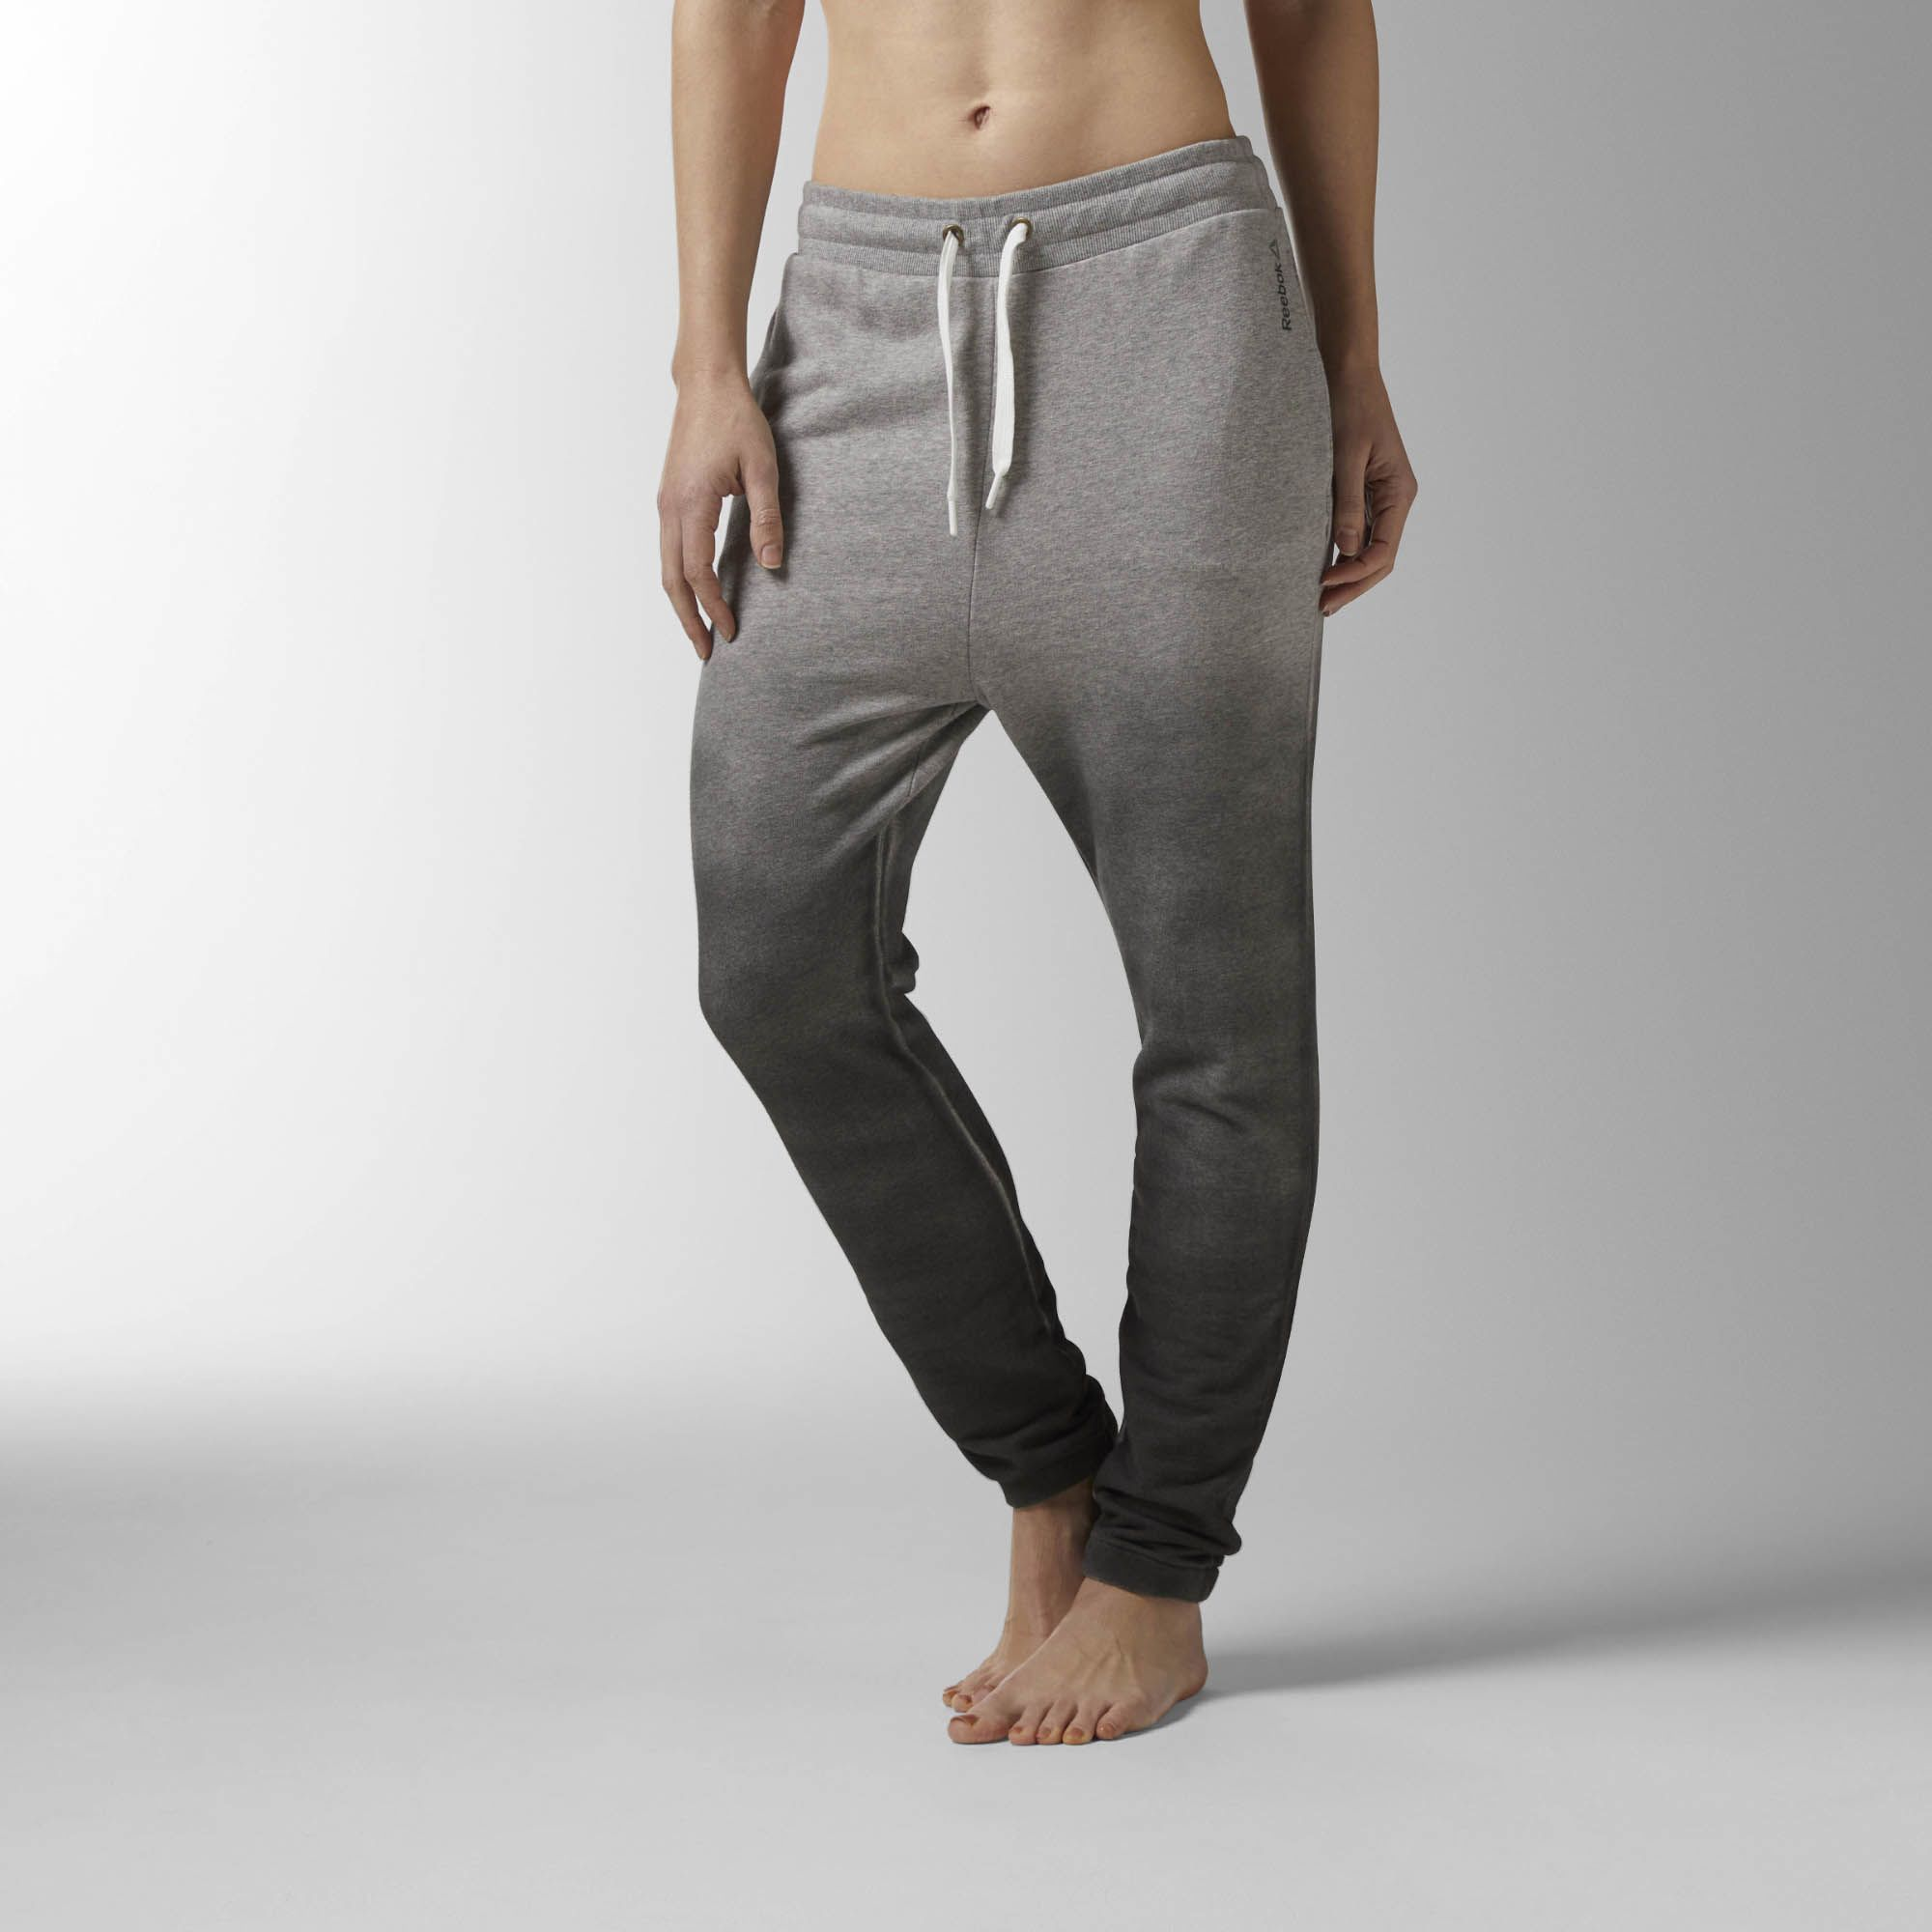 Frauen Yoga Gym Lässig Jogging Harem Hose Jogginghose Sport Fit Hose Hose